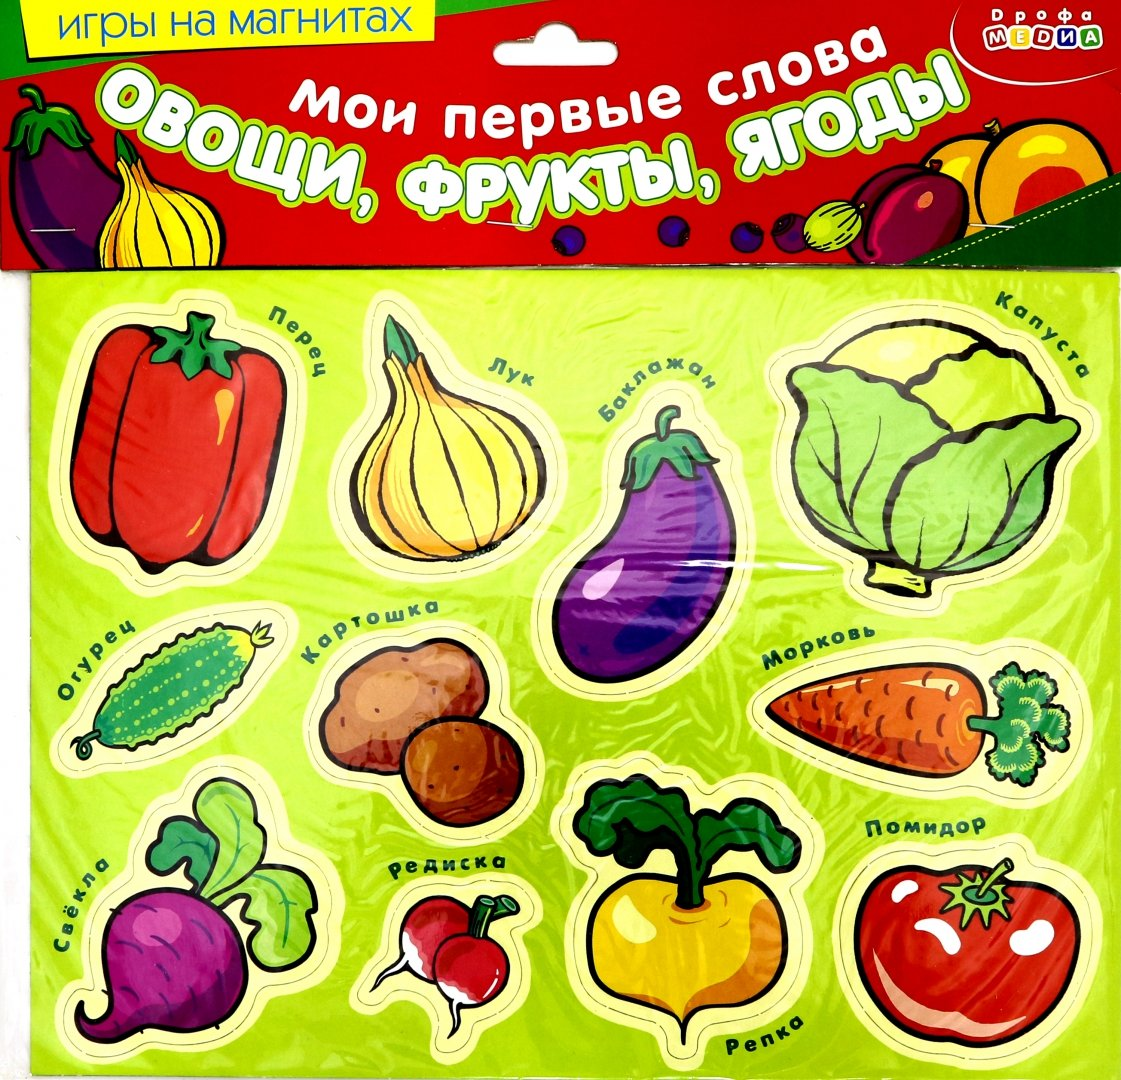 Иллюстрация 1 из 10 для Мои первые слова: Овощи, фрукты, ягоды   Лабиринт - игрушки. Источник: Лабиринт